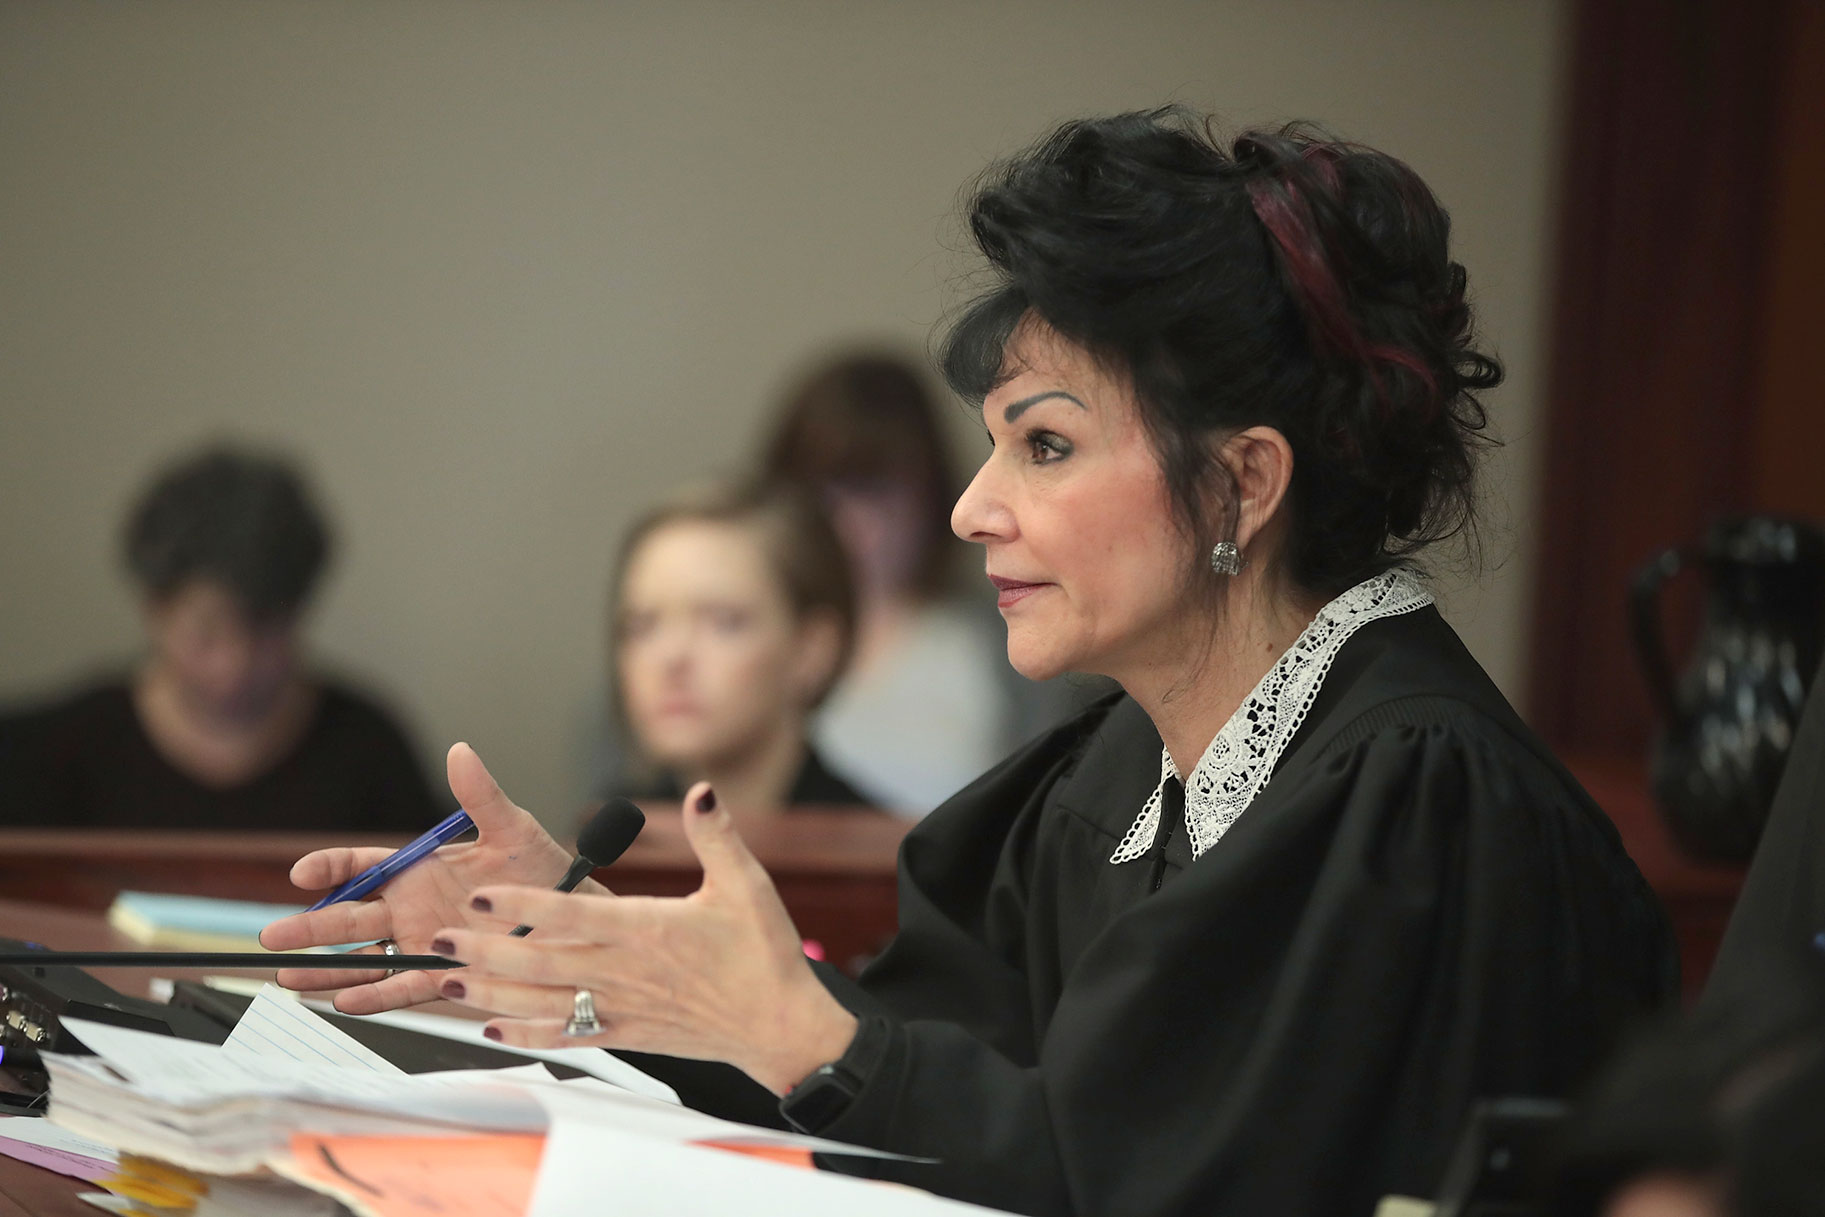 Dommer sprænger Larry Nassar, efter at han klager i brev på 6 sider, at det er for svært at lytte til offererklæringer